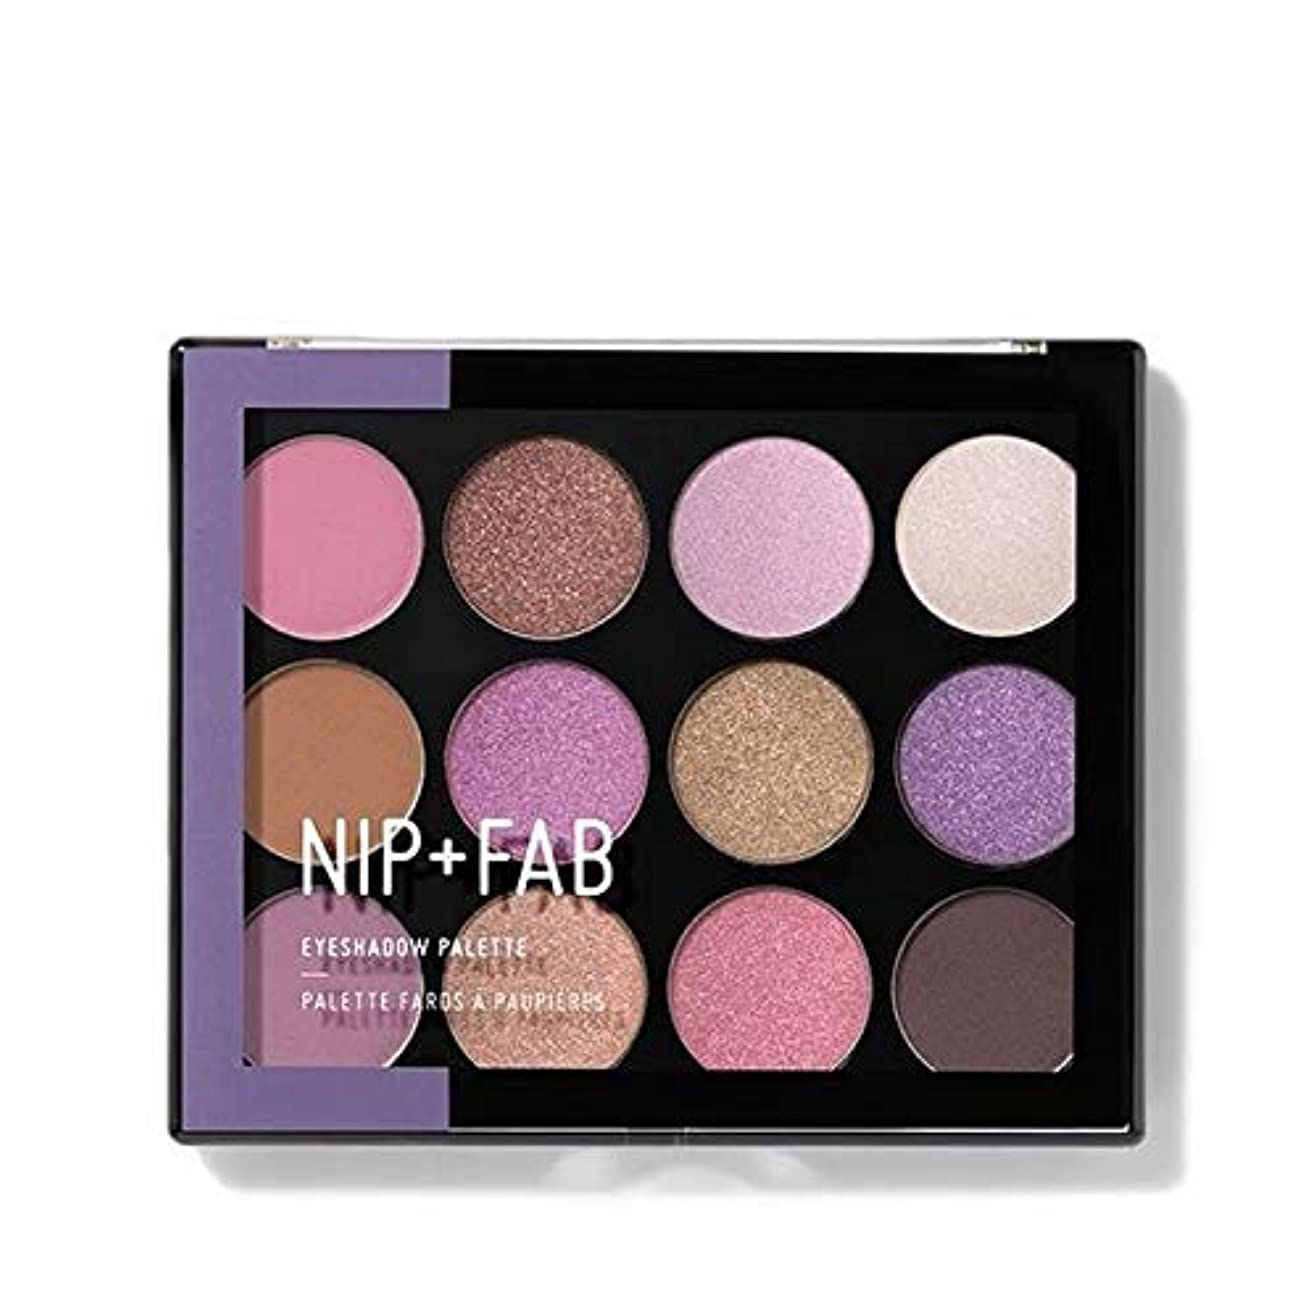 凝視一般ヒロイン[Nip & Fab ] アイシャドウパレット5を構成するFab +ニップ - NIP+FAB Make Up Eyeshadow Palette 5 [並行輸入品]